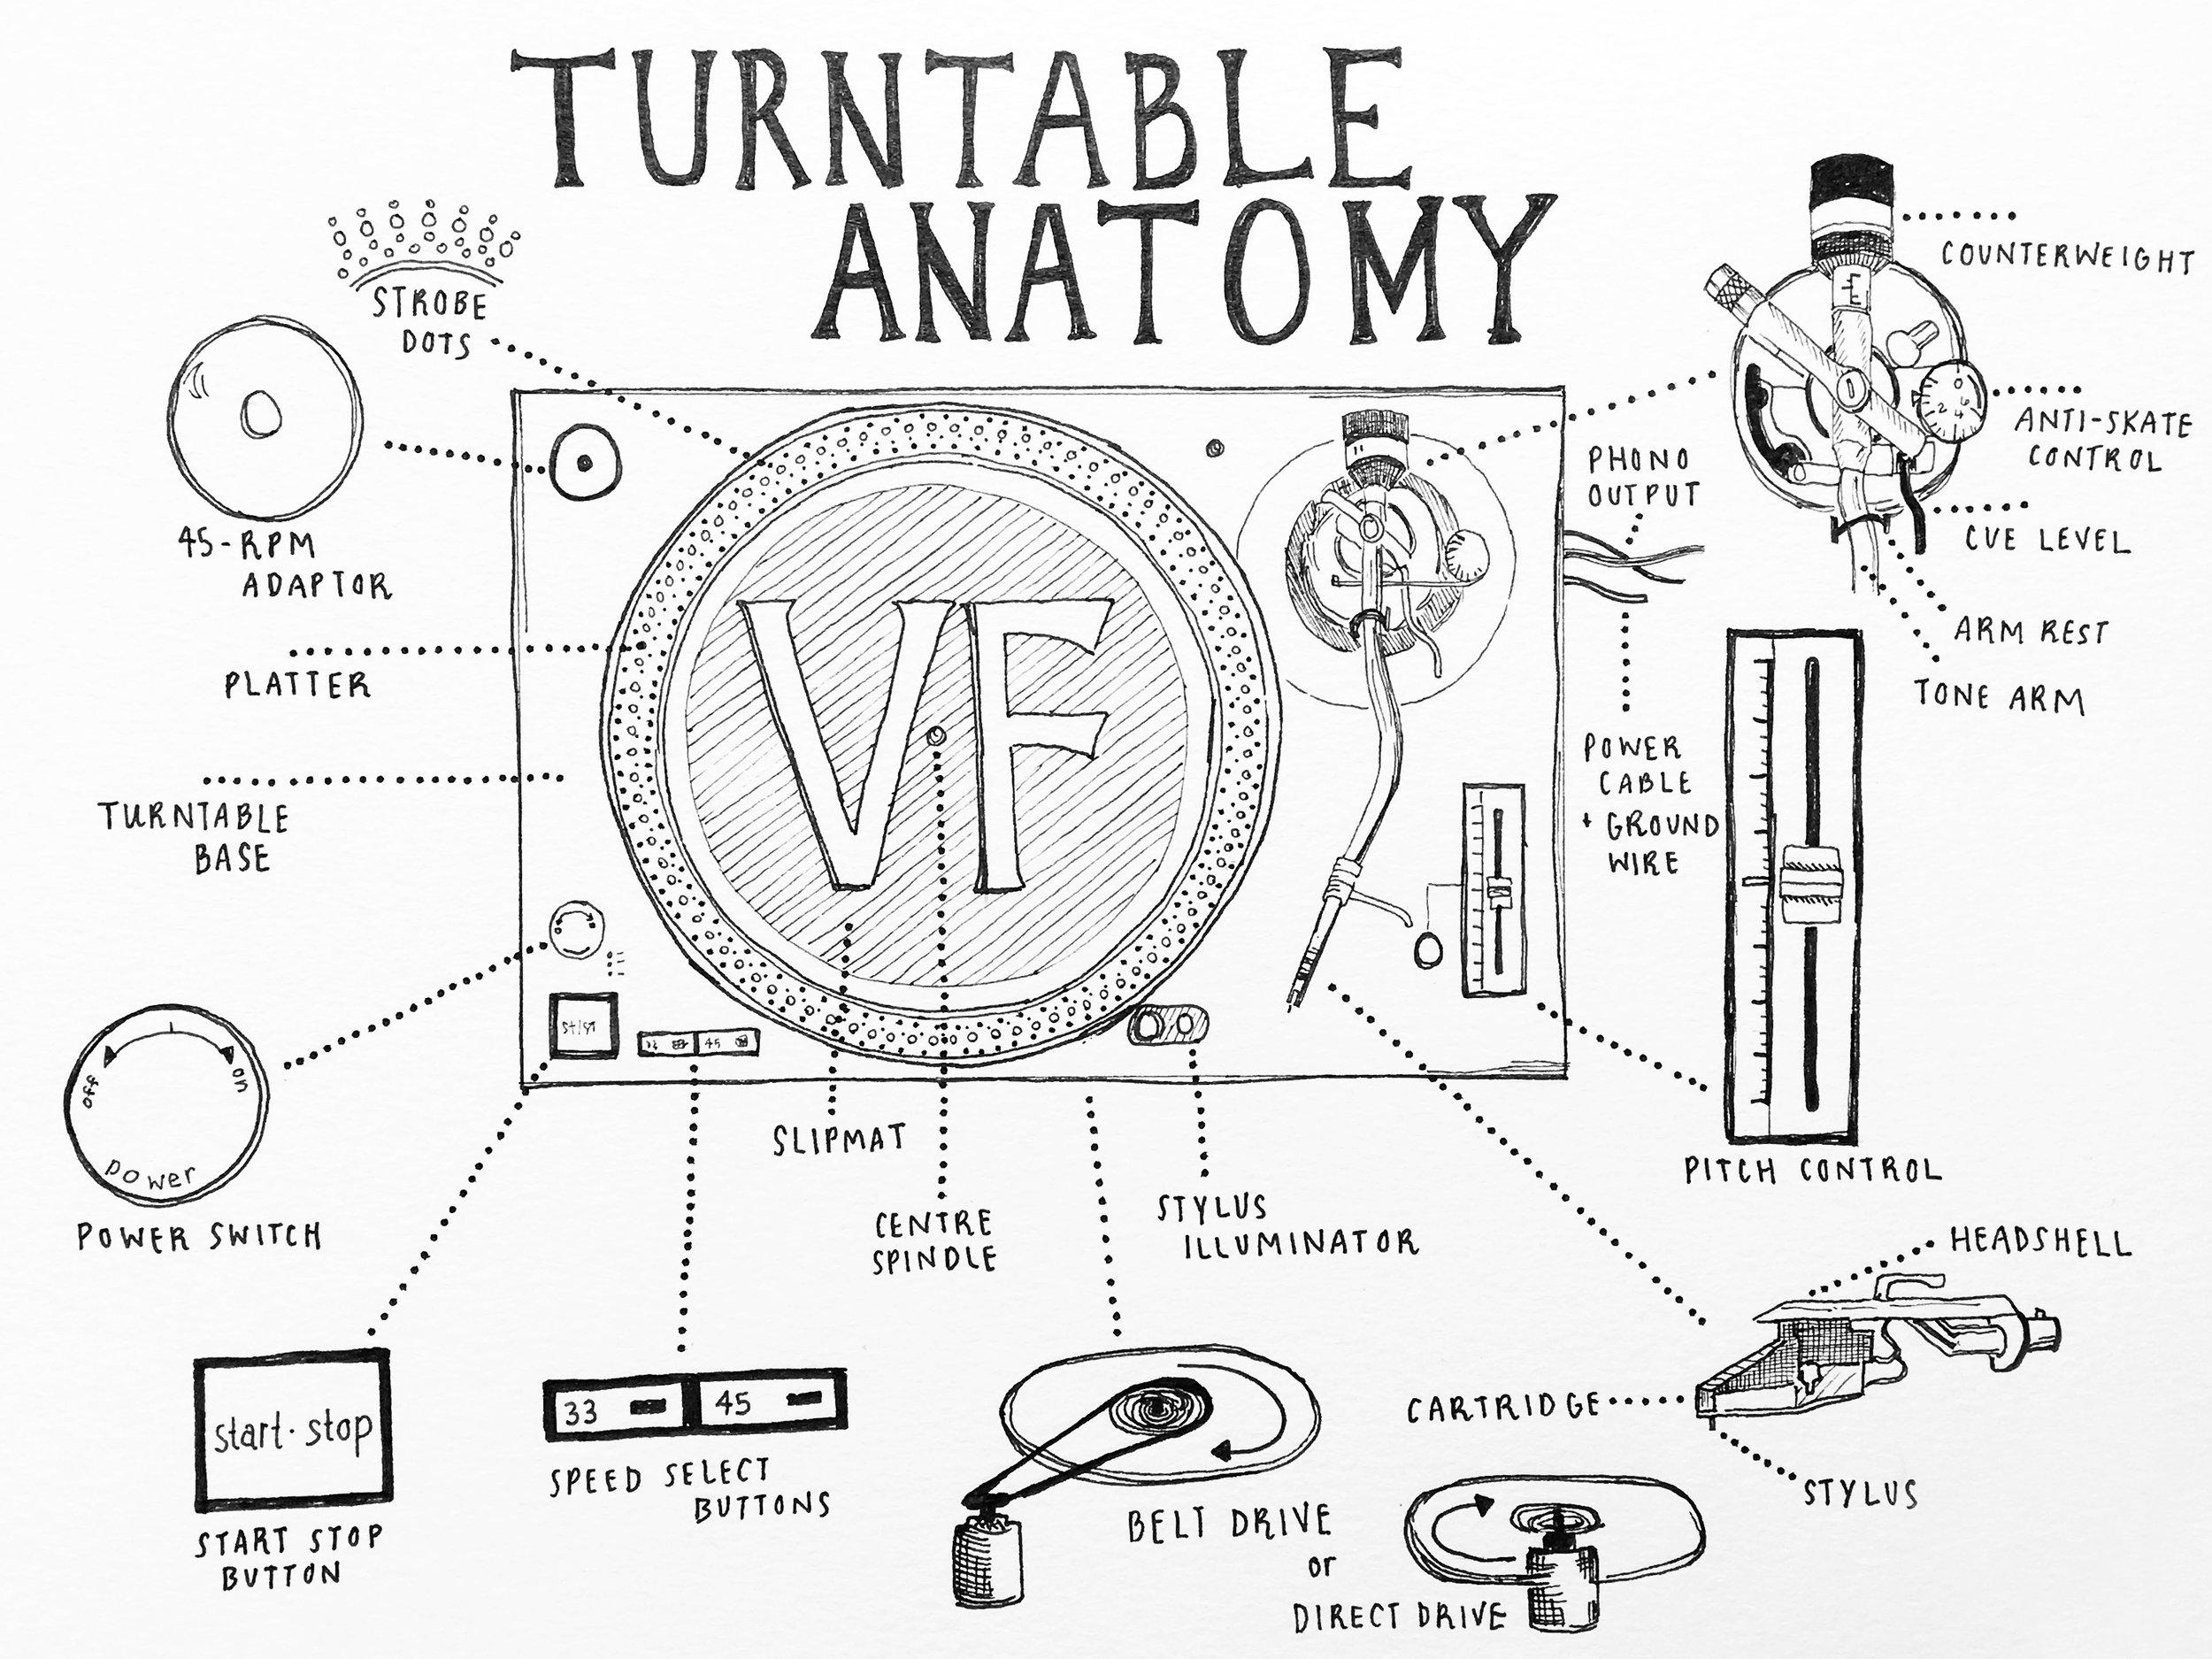 Turntable Anatomy